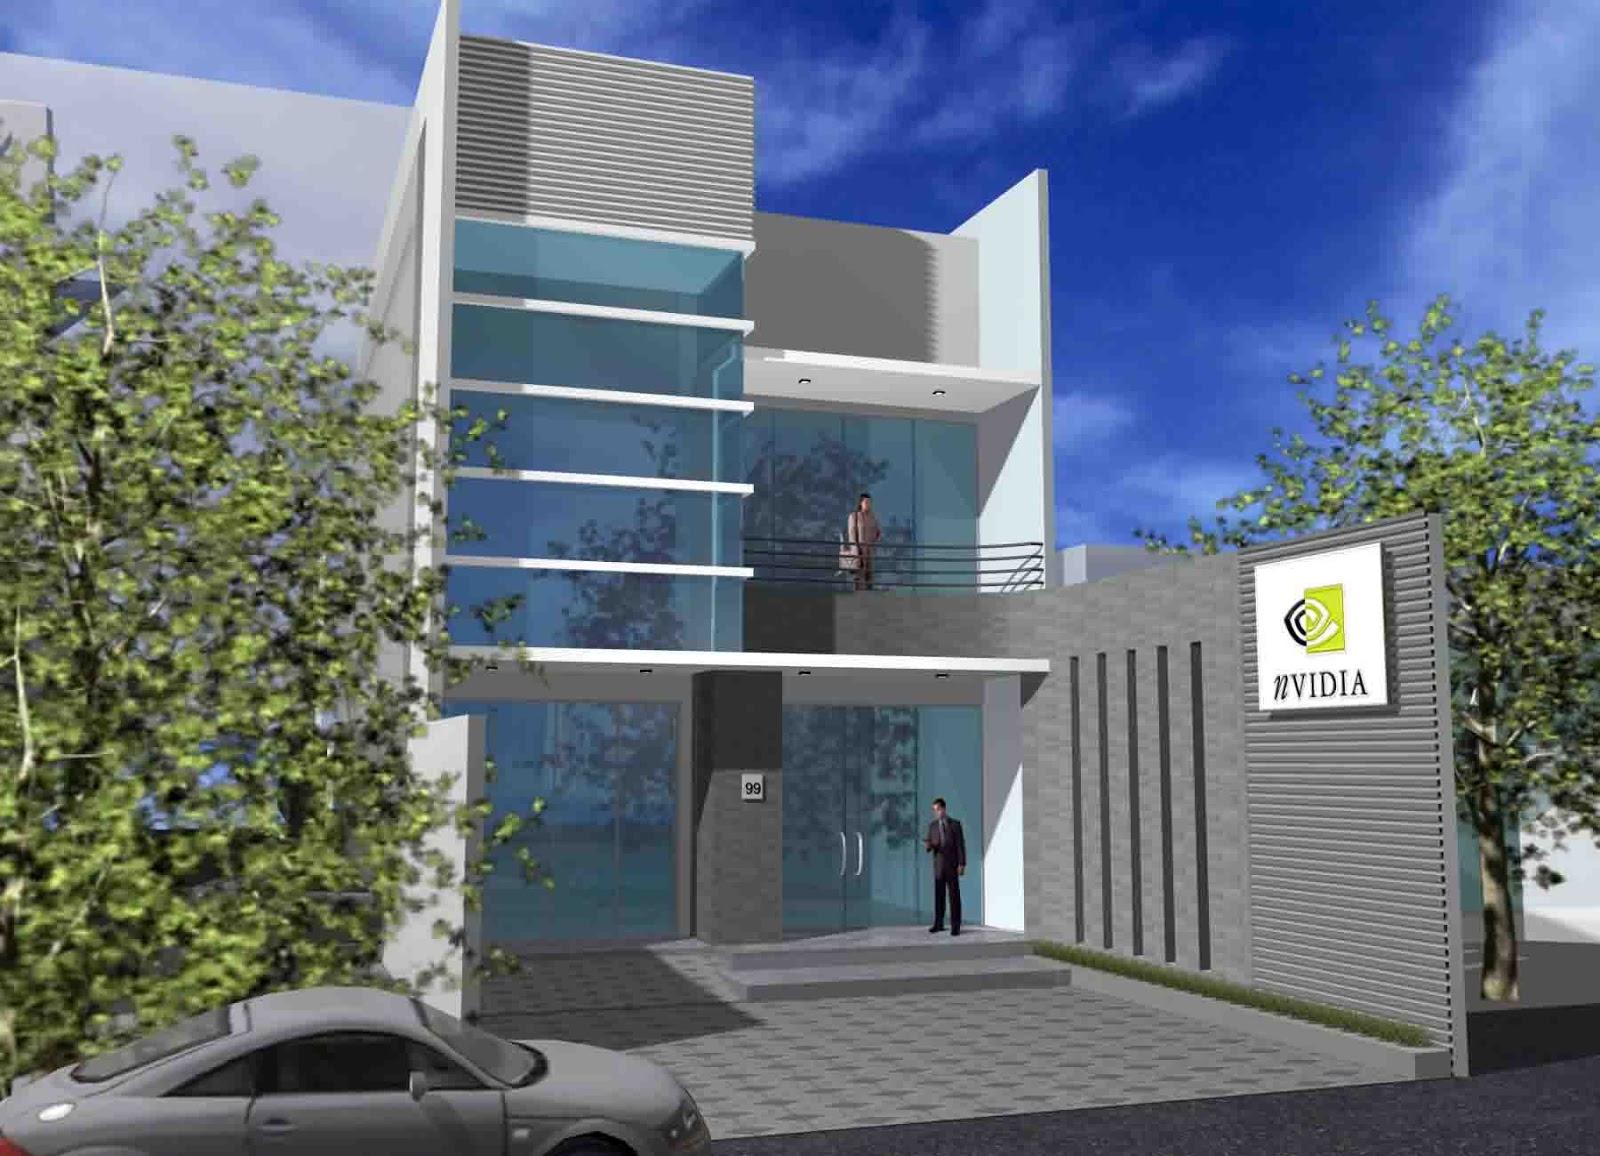 Desain Gedung Perkantoran Minimalis Modern Metro Properti Bangunan kantor modern